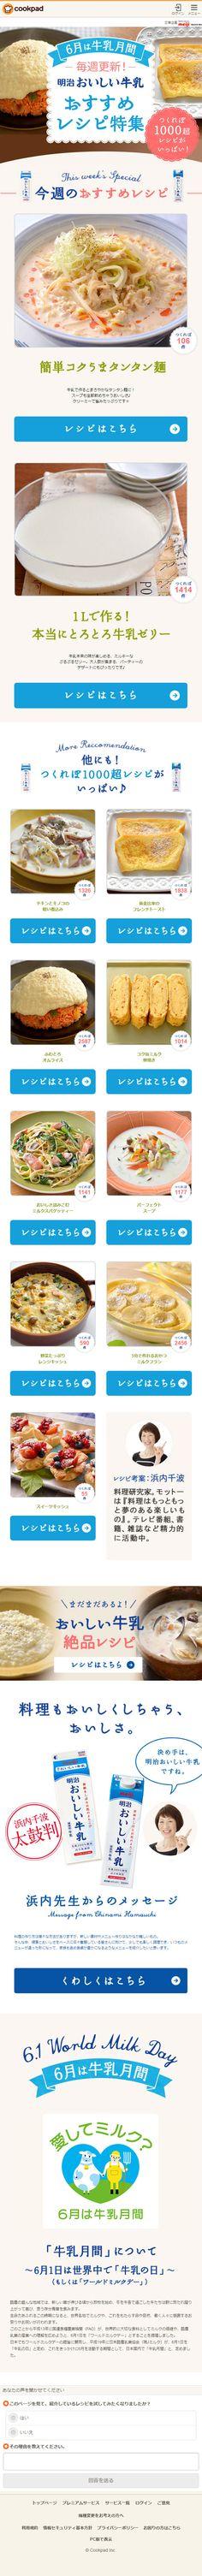 明治おいしい牛乳 おすすめレシピ特集 WEBデザイナーさん必見!スマホランディングページのデザイン参考に(かわいい系)